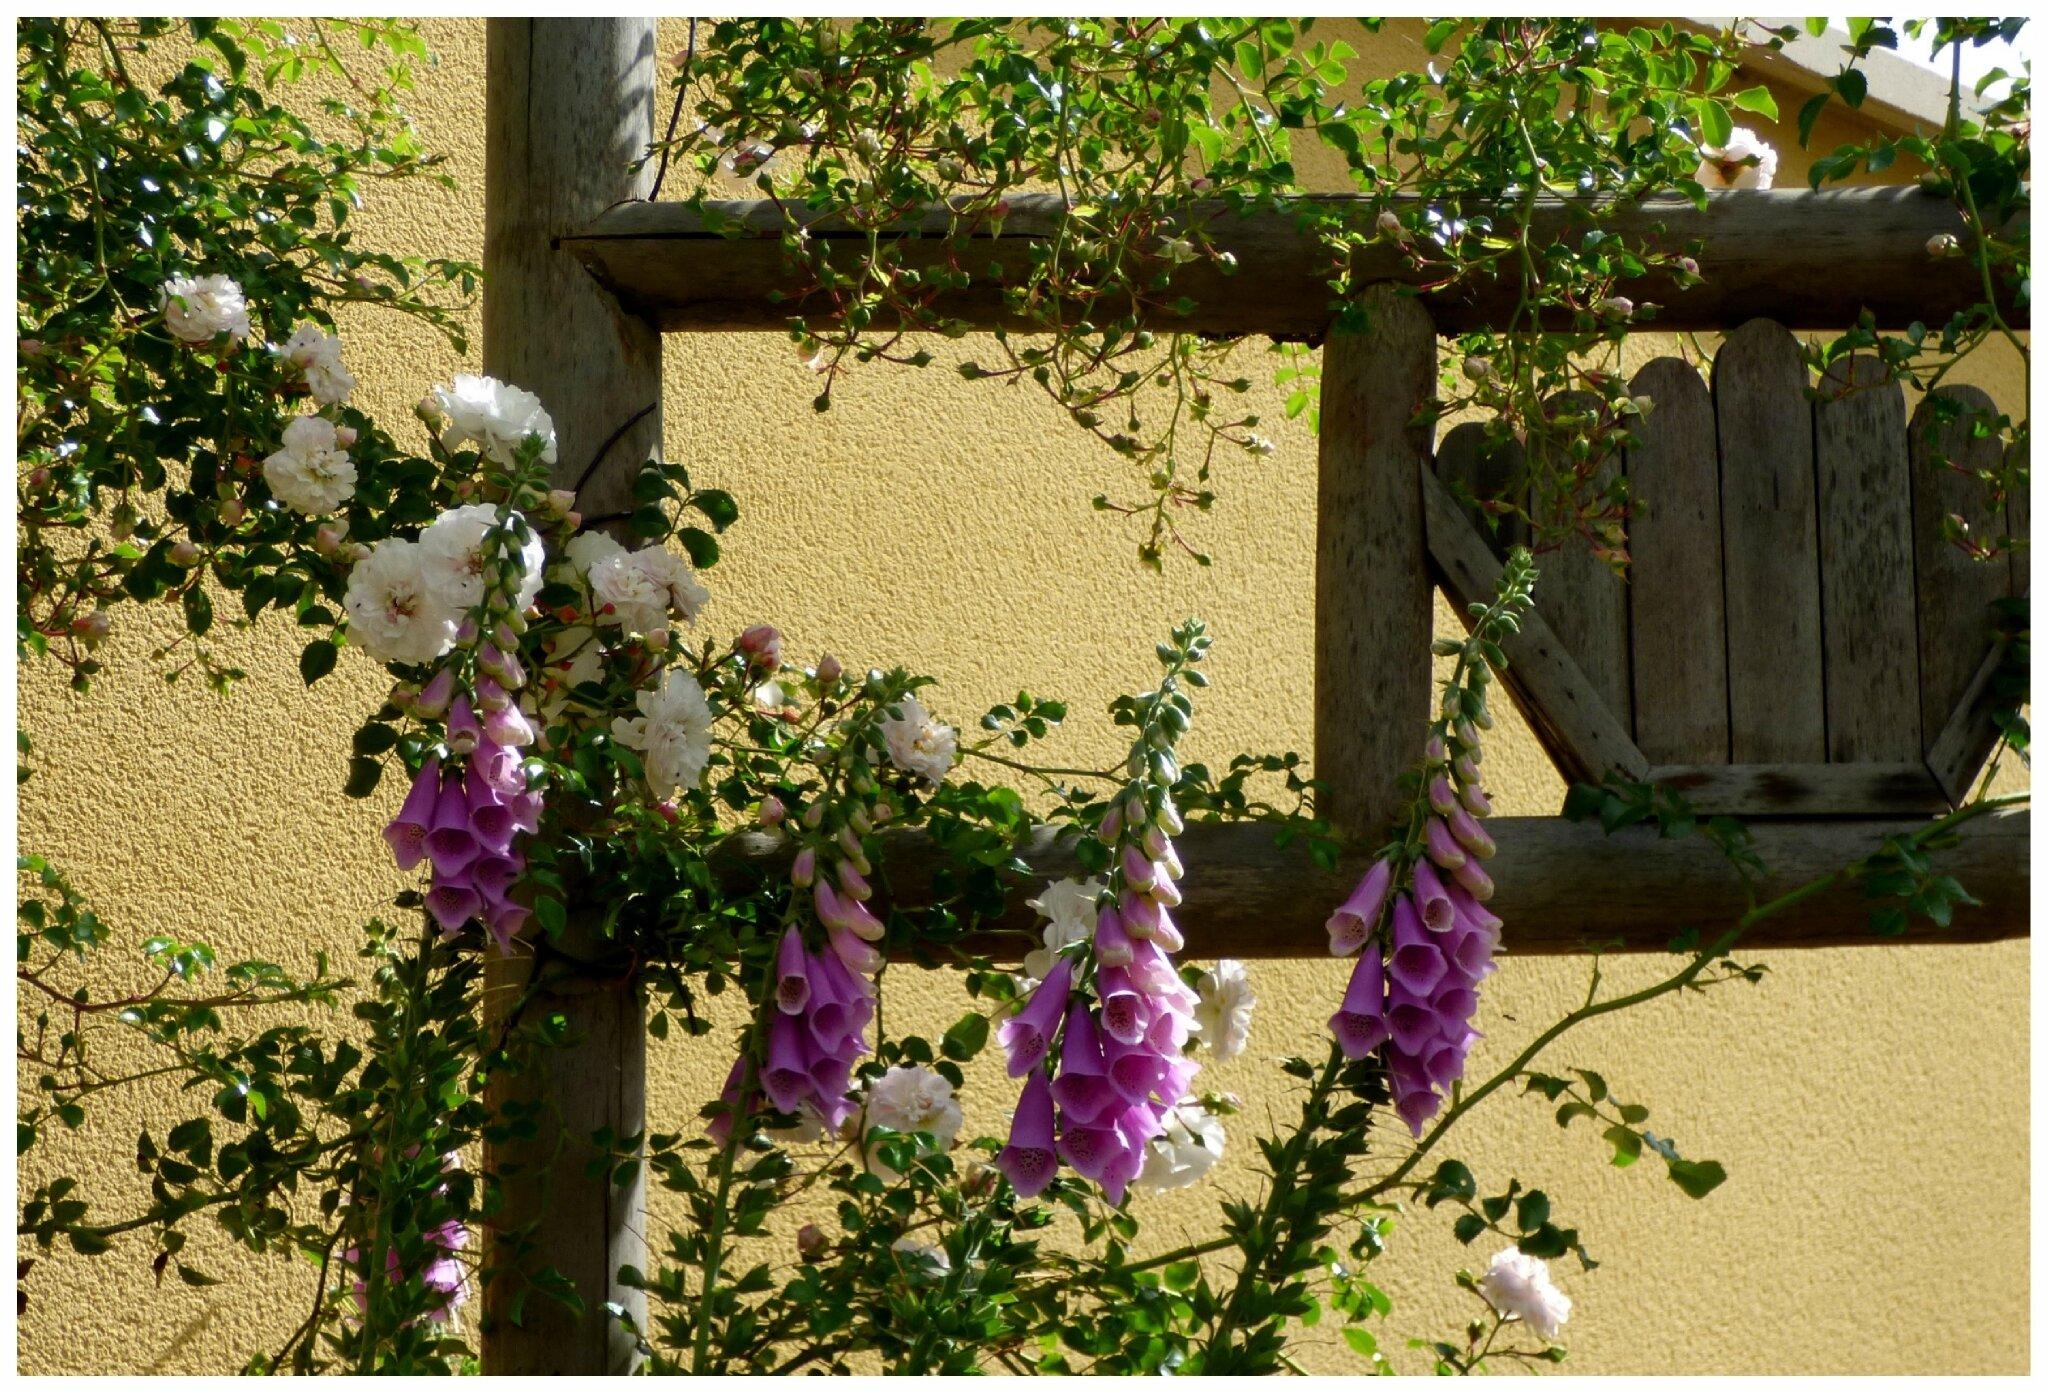 enfin un petit tour du jardin le jardin par passion